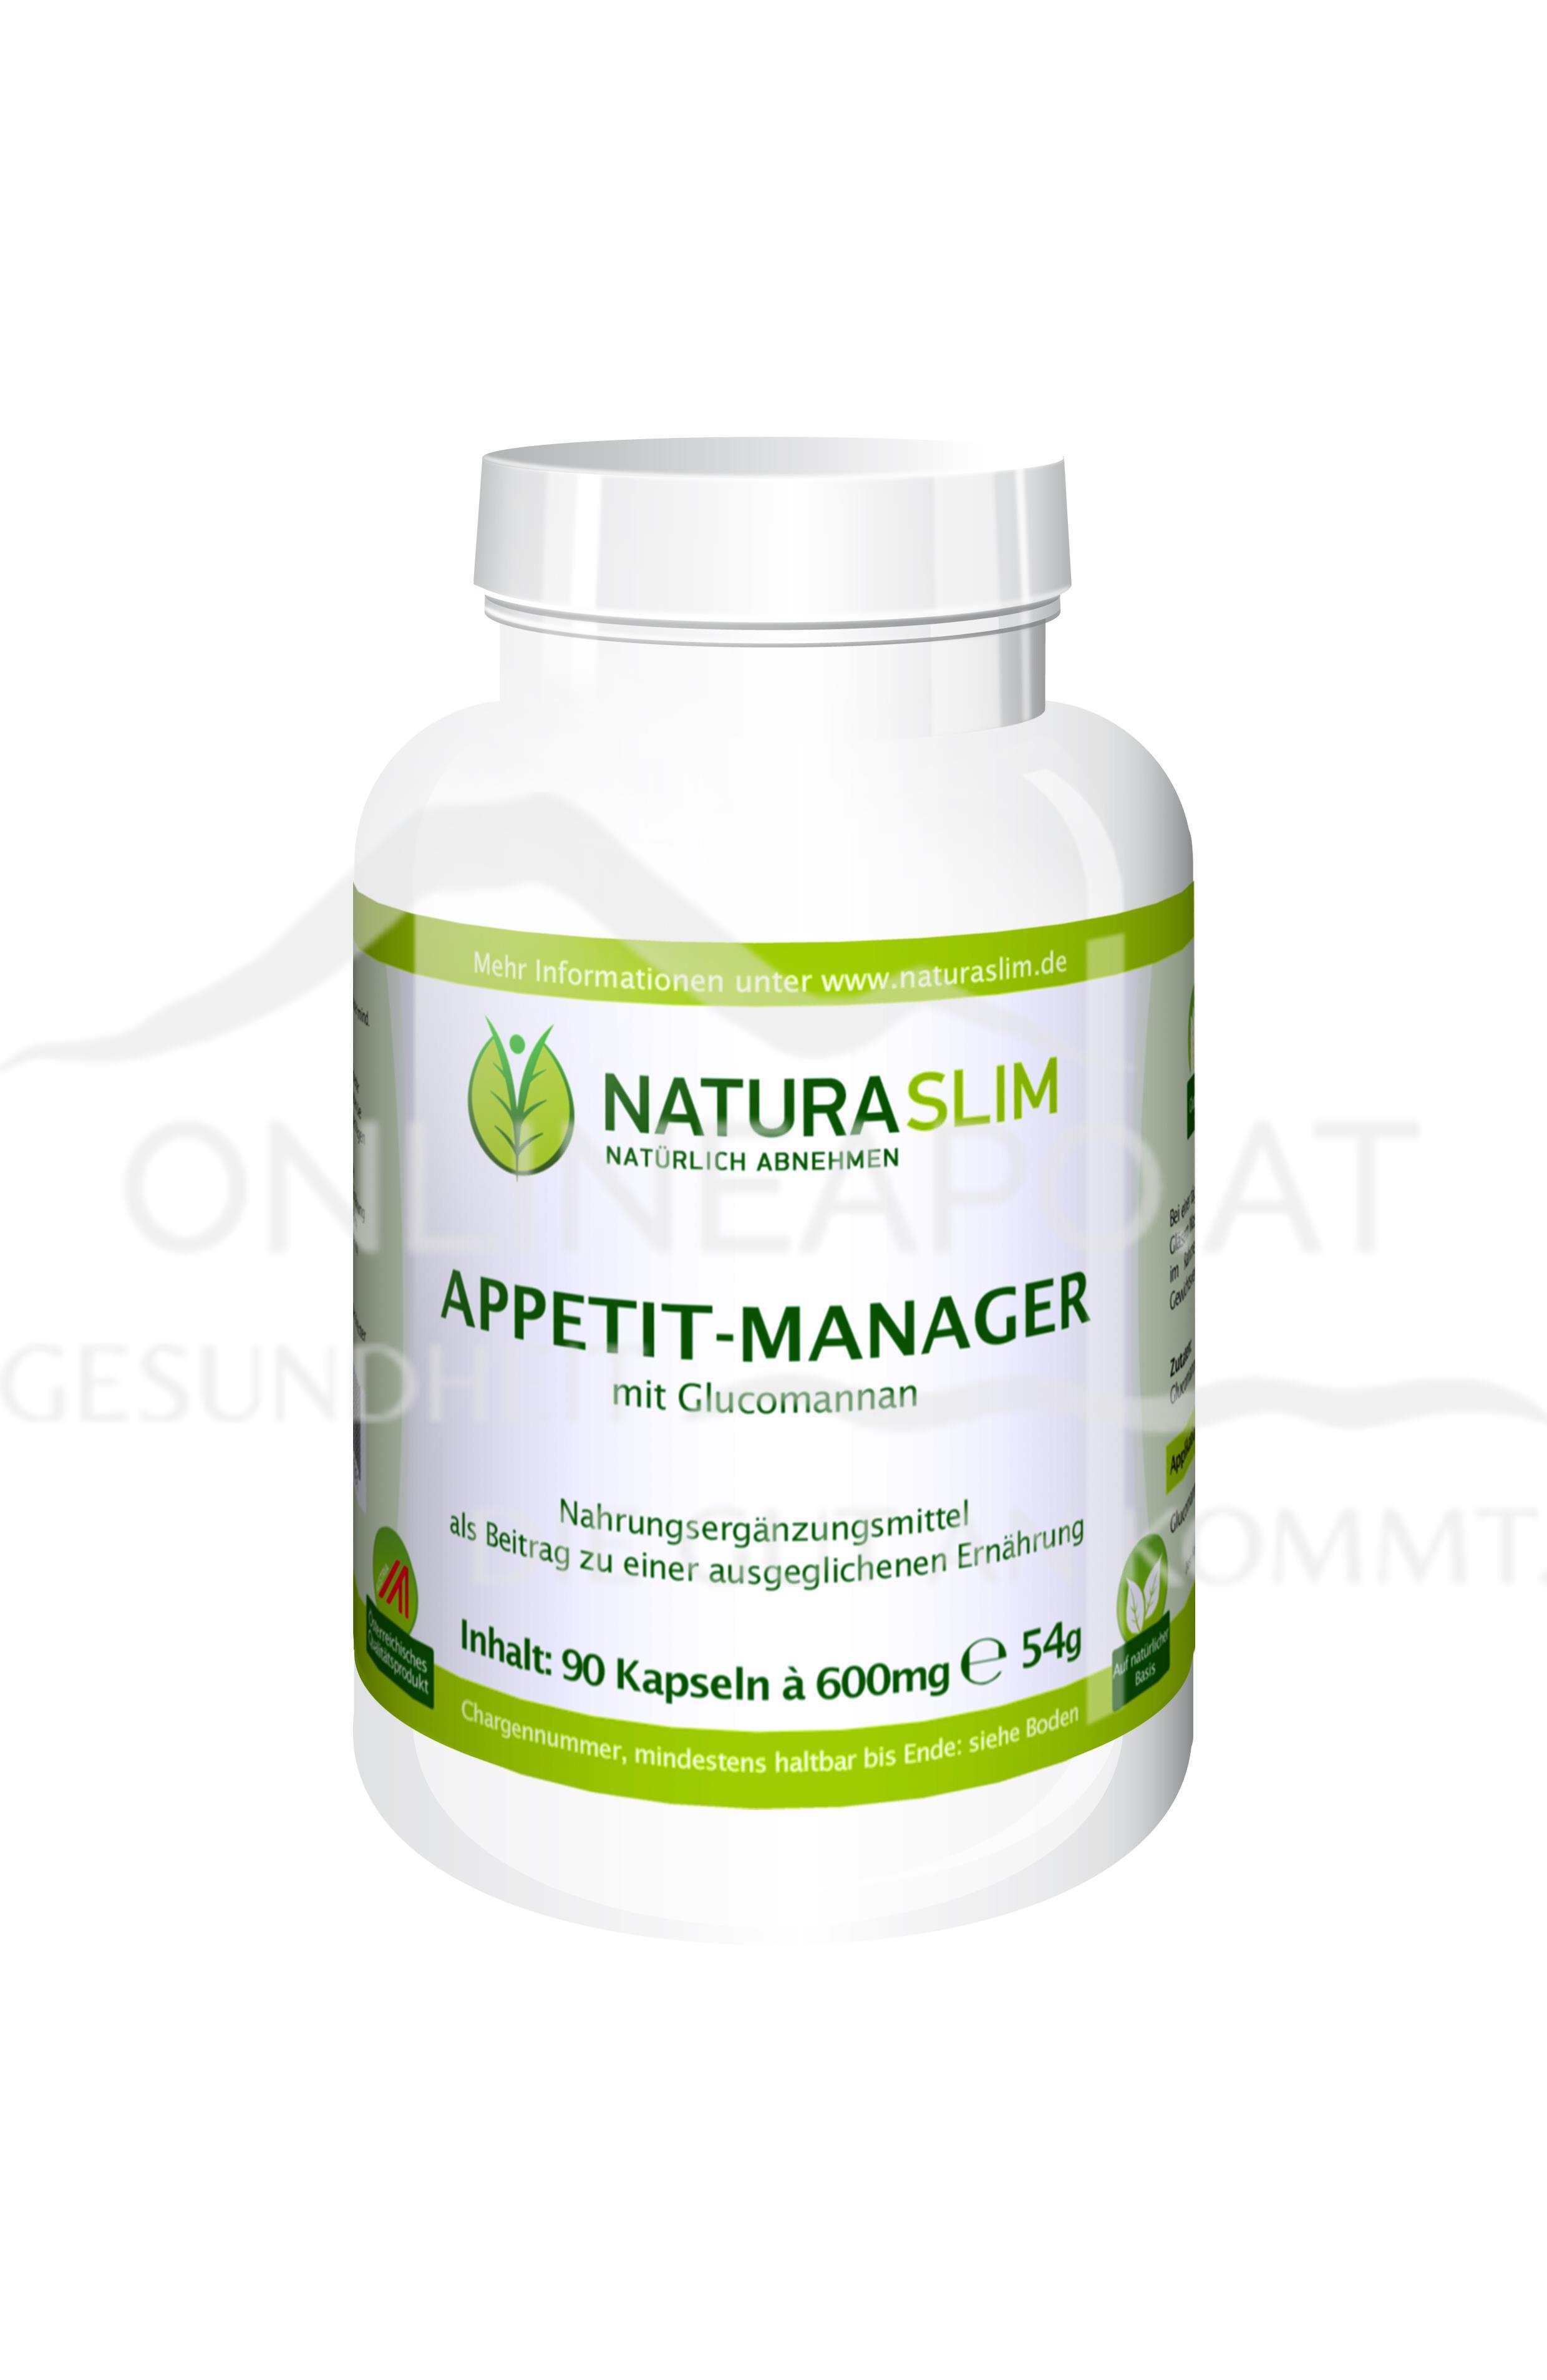 Naturaslim APPETIT-Manager